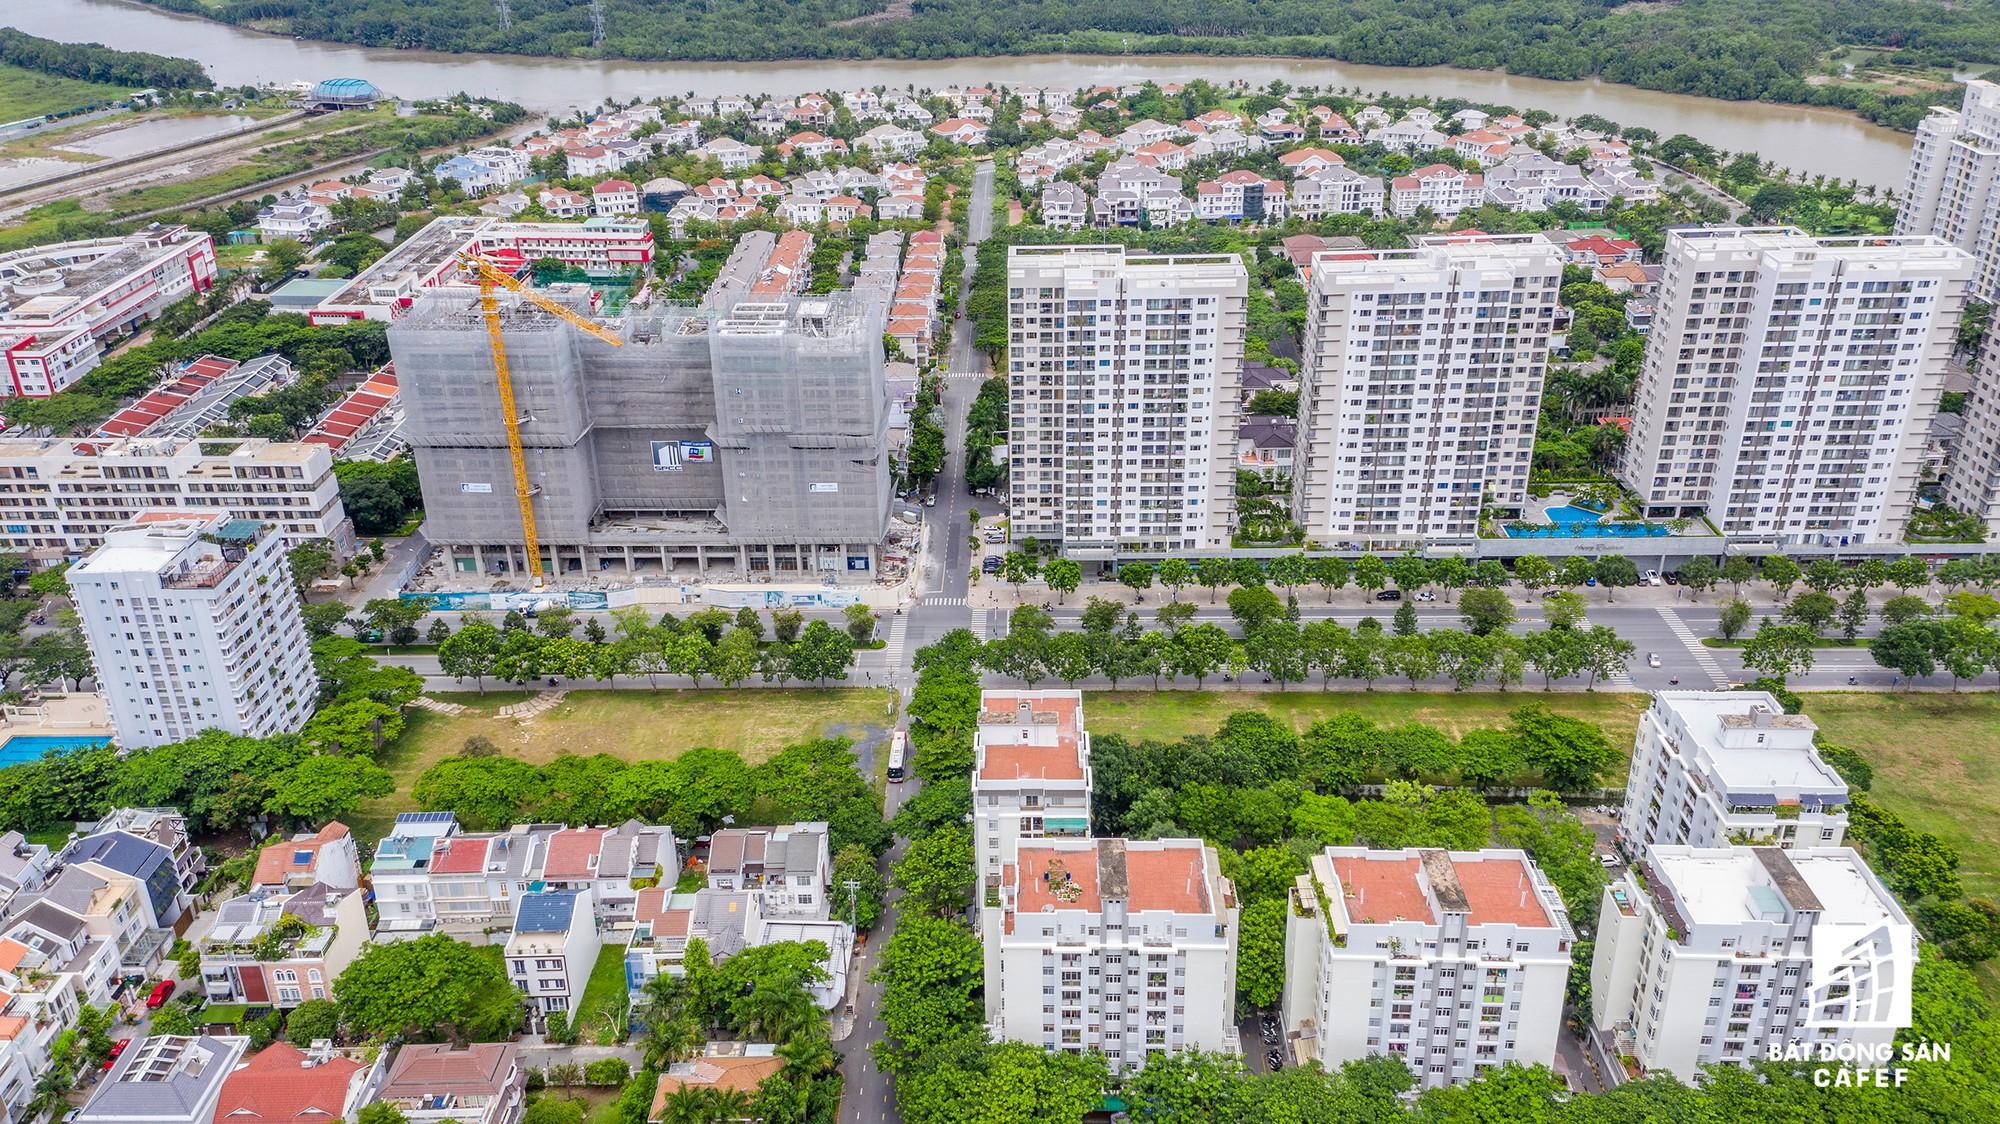 Áp lực lợi nhuận cho thuê căn hộ đang đè lên vai nhà đầu tư?